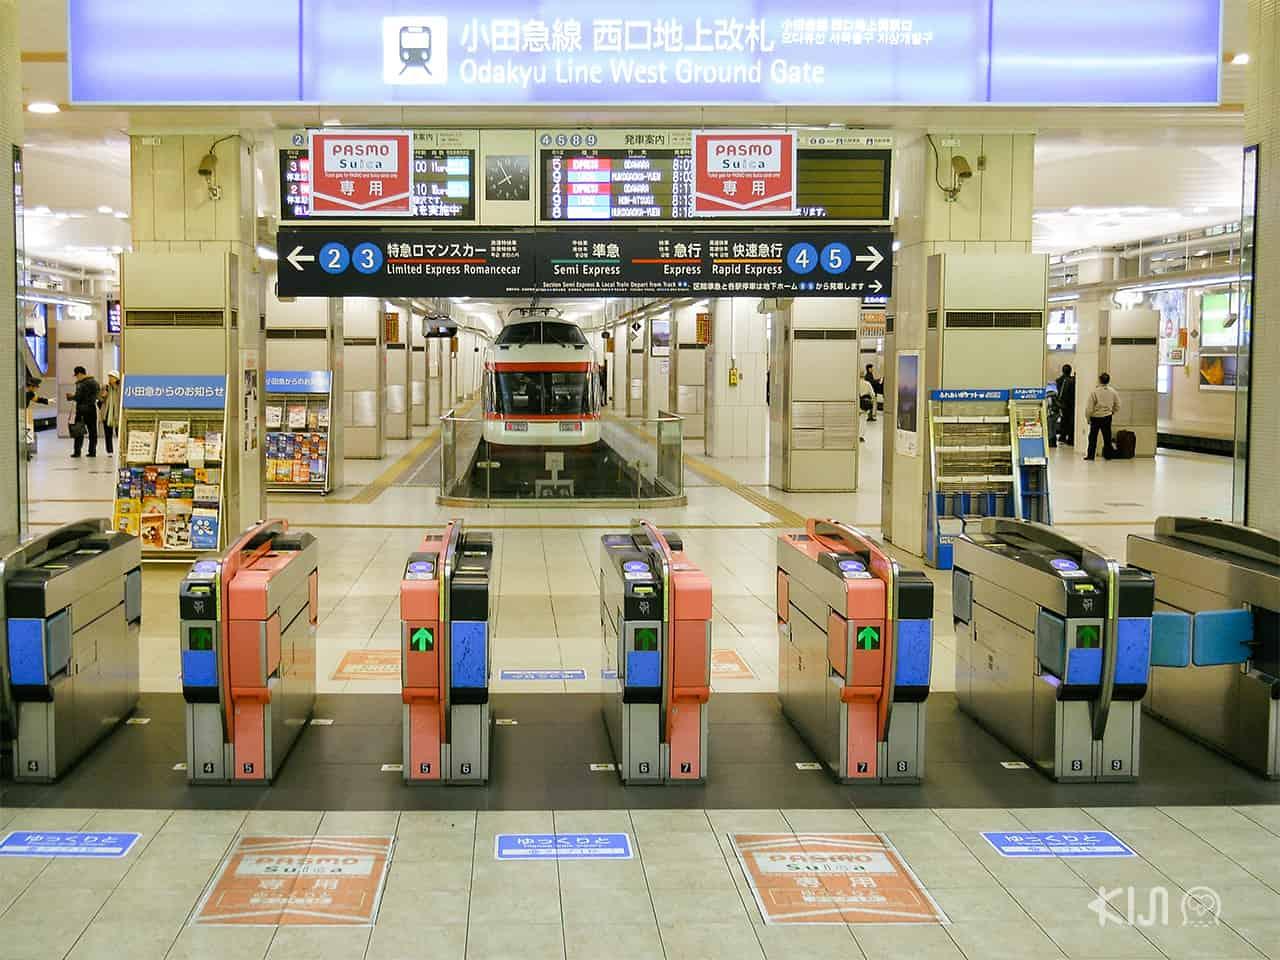 ช่องเดินเข้าสถานีรถไฟในญี่ปุ่นกว้างมาก